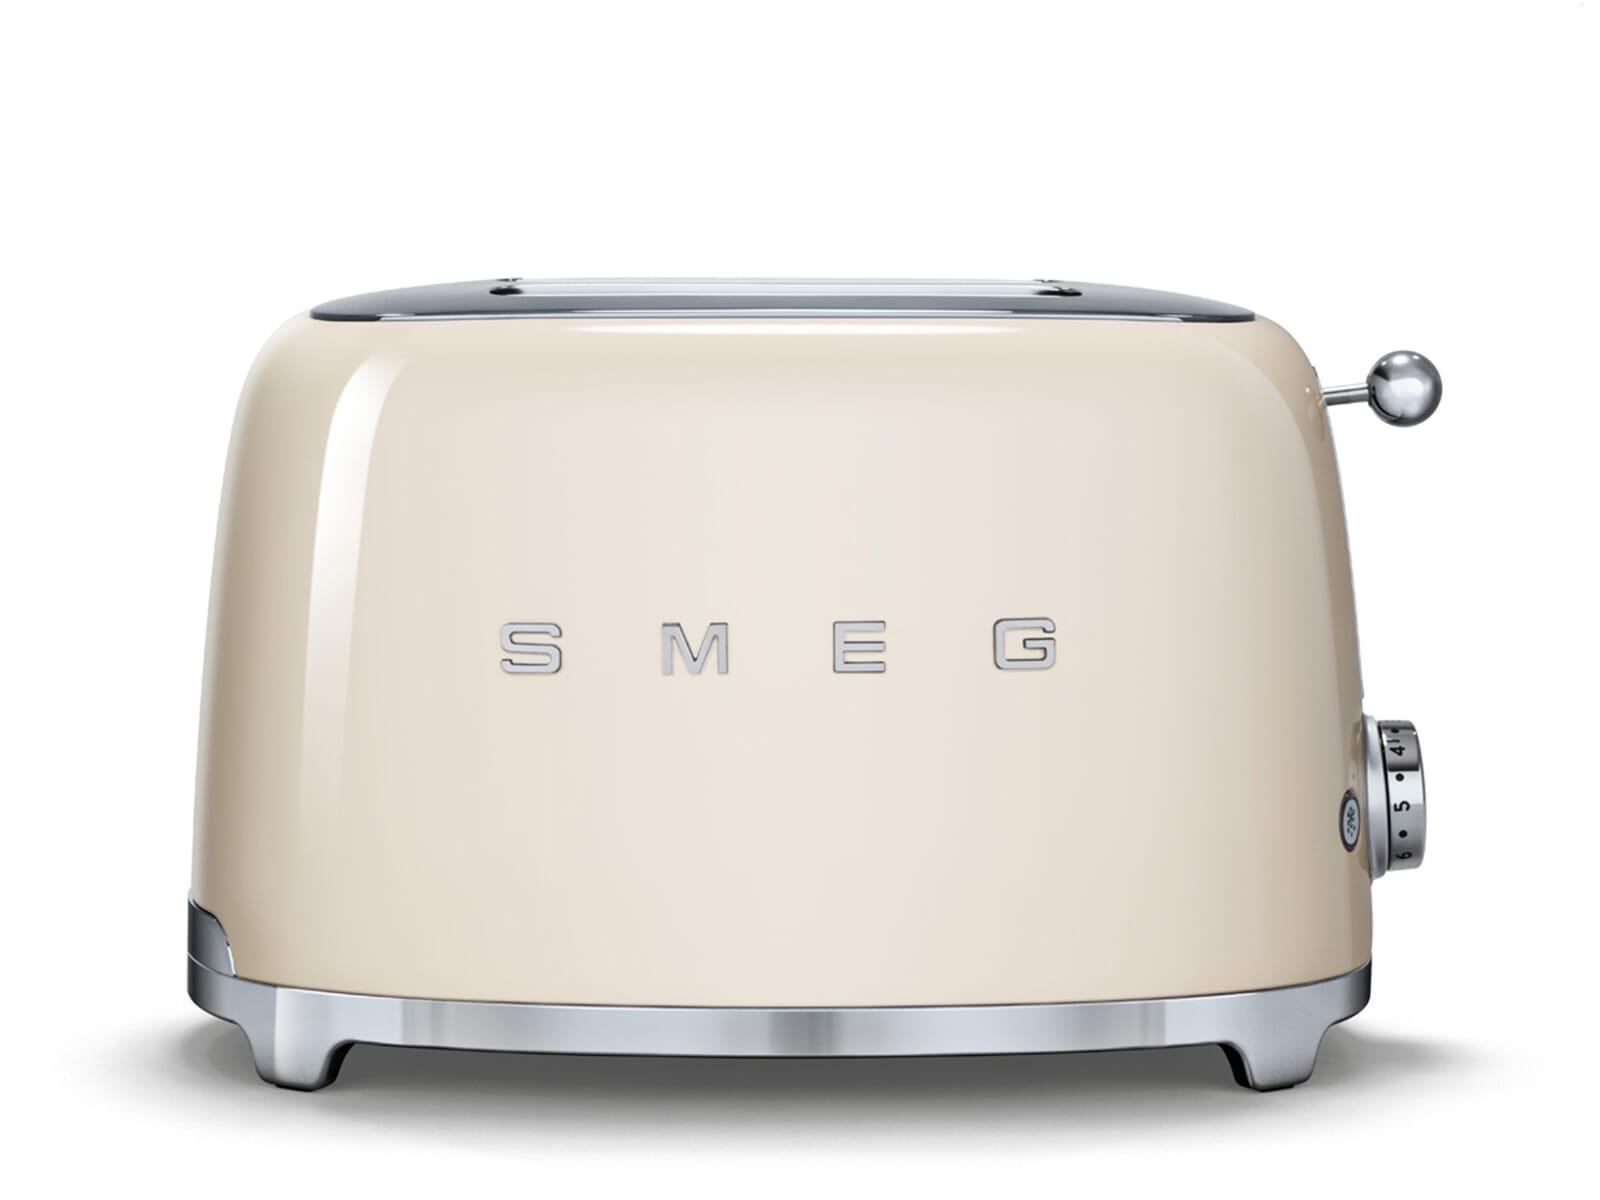 smeg tsf01creu 2 scheiben toaster creme f r 139 00 eur. Black Bedroom Furniture Sets. Home Design Ideas